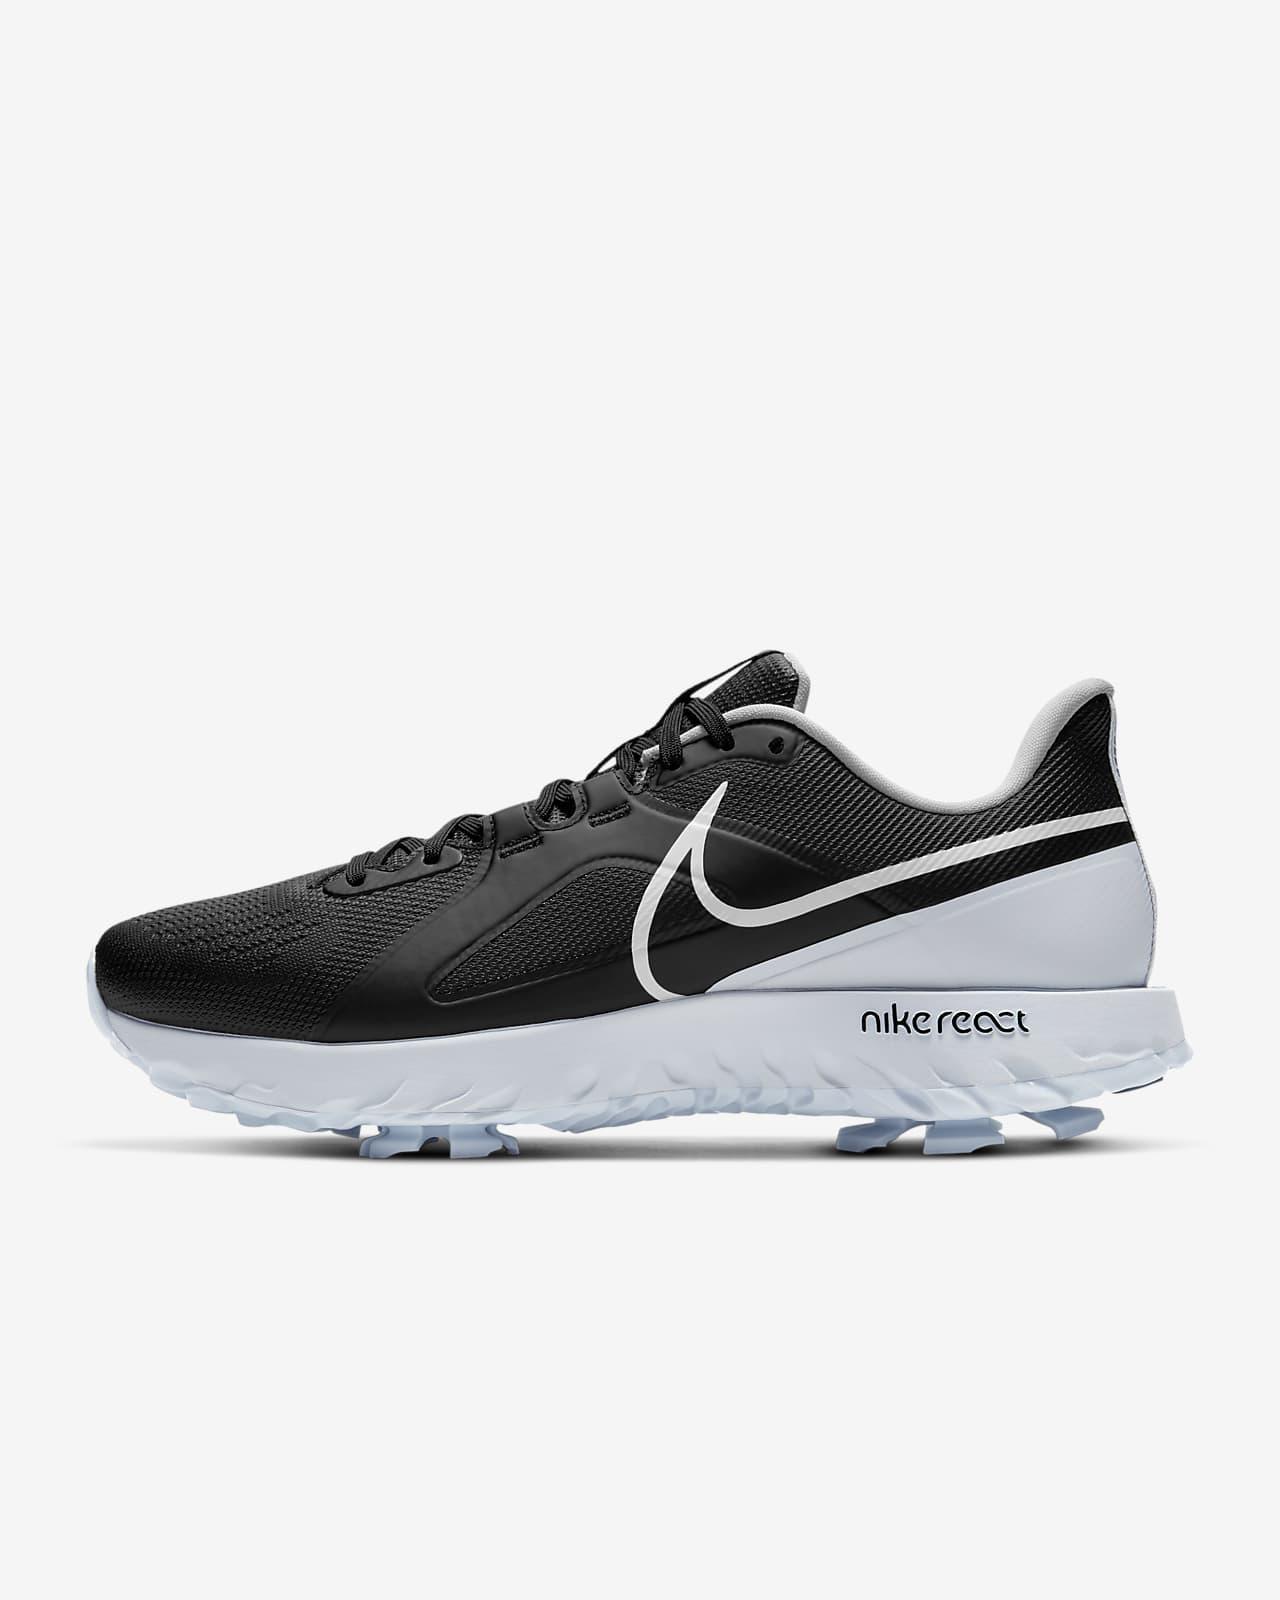 Παπούτσι γκολφ Nike React Infinity Pro